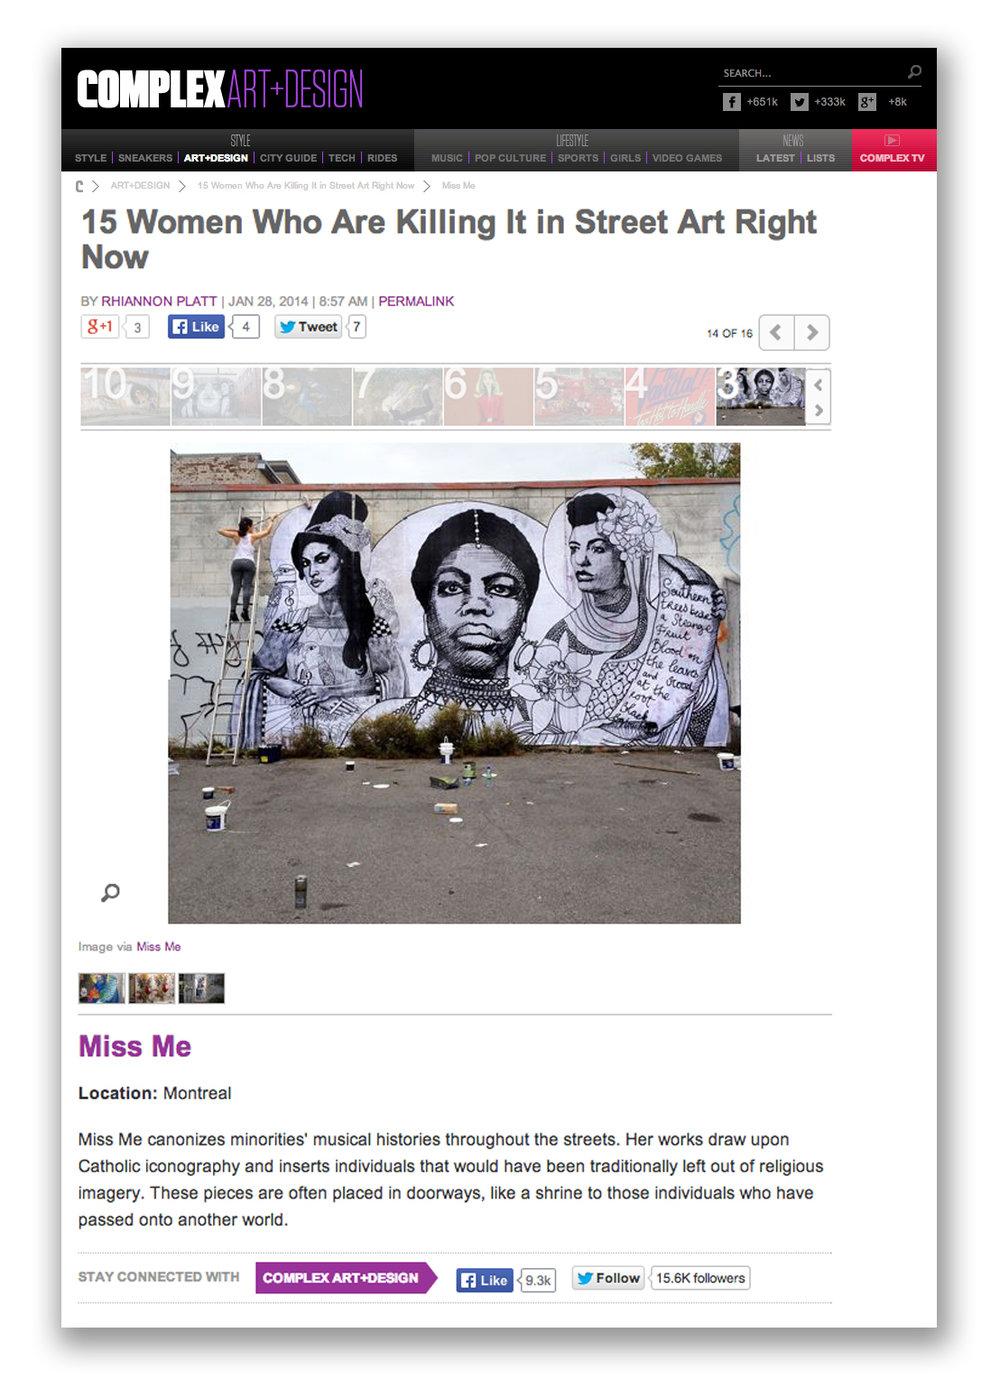 COMPLEX MAG - Women Killing it in Street Art